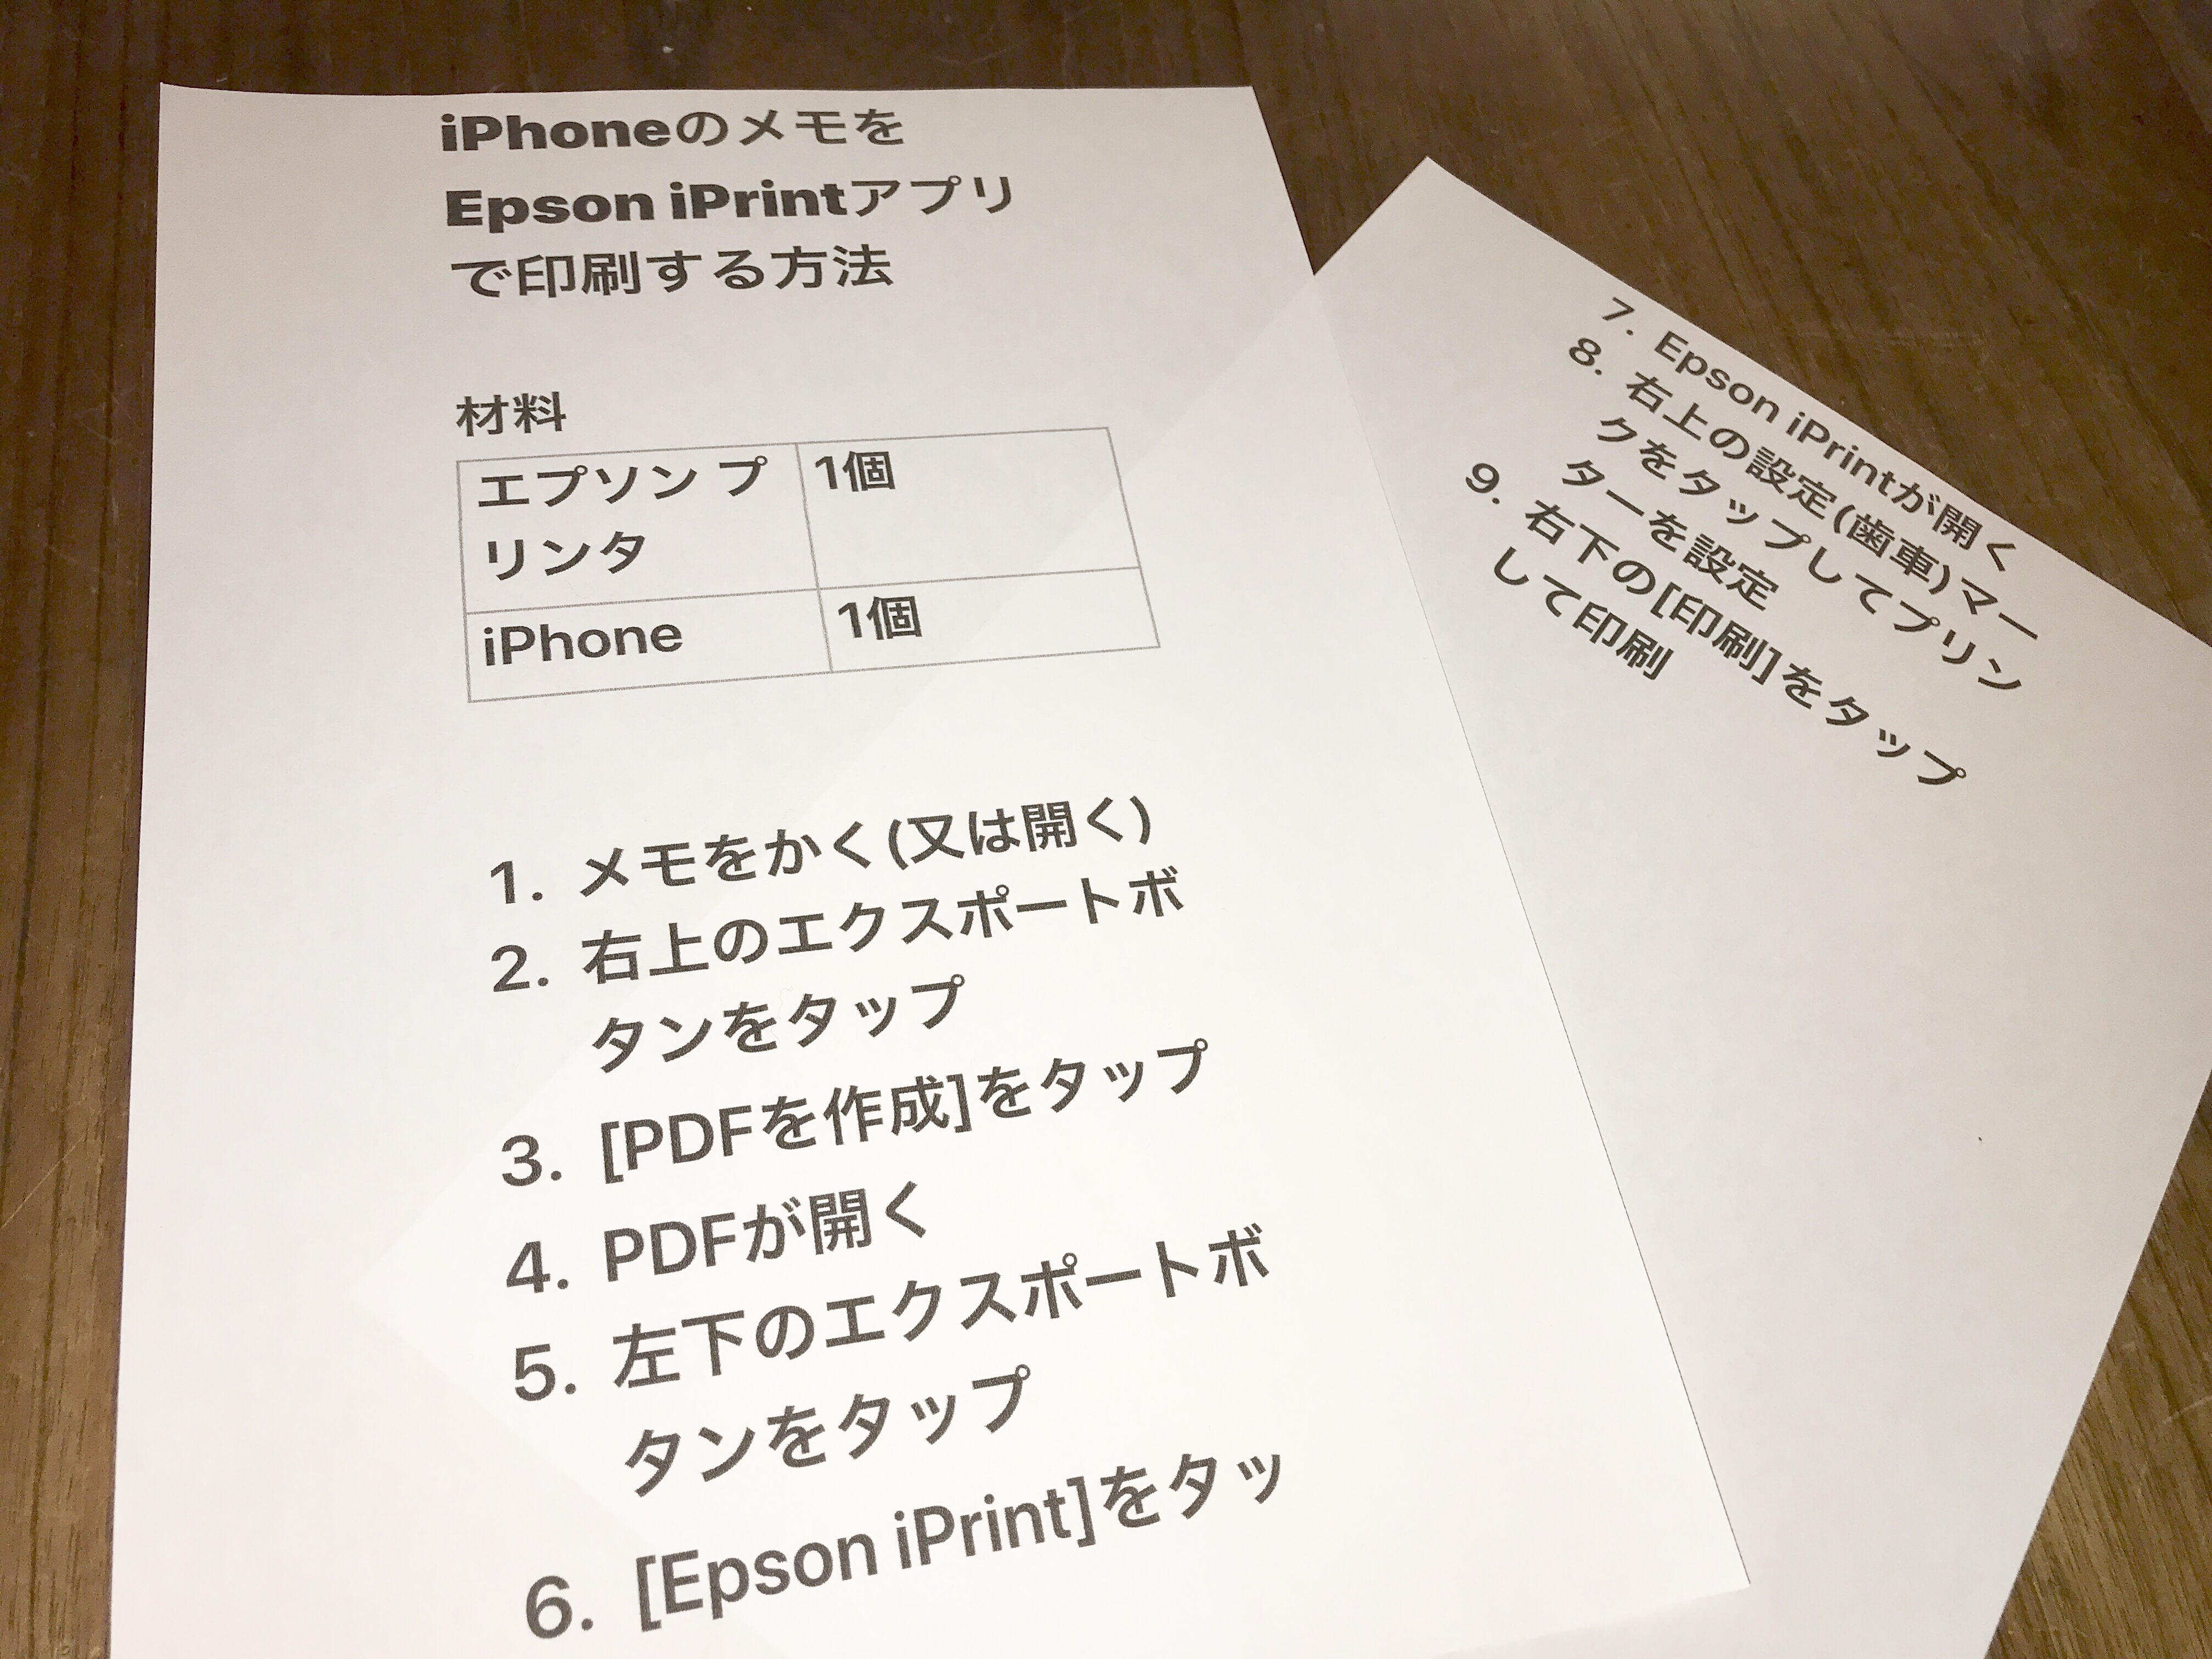 iphoneメモ 印刷 epson